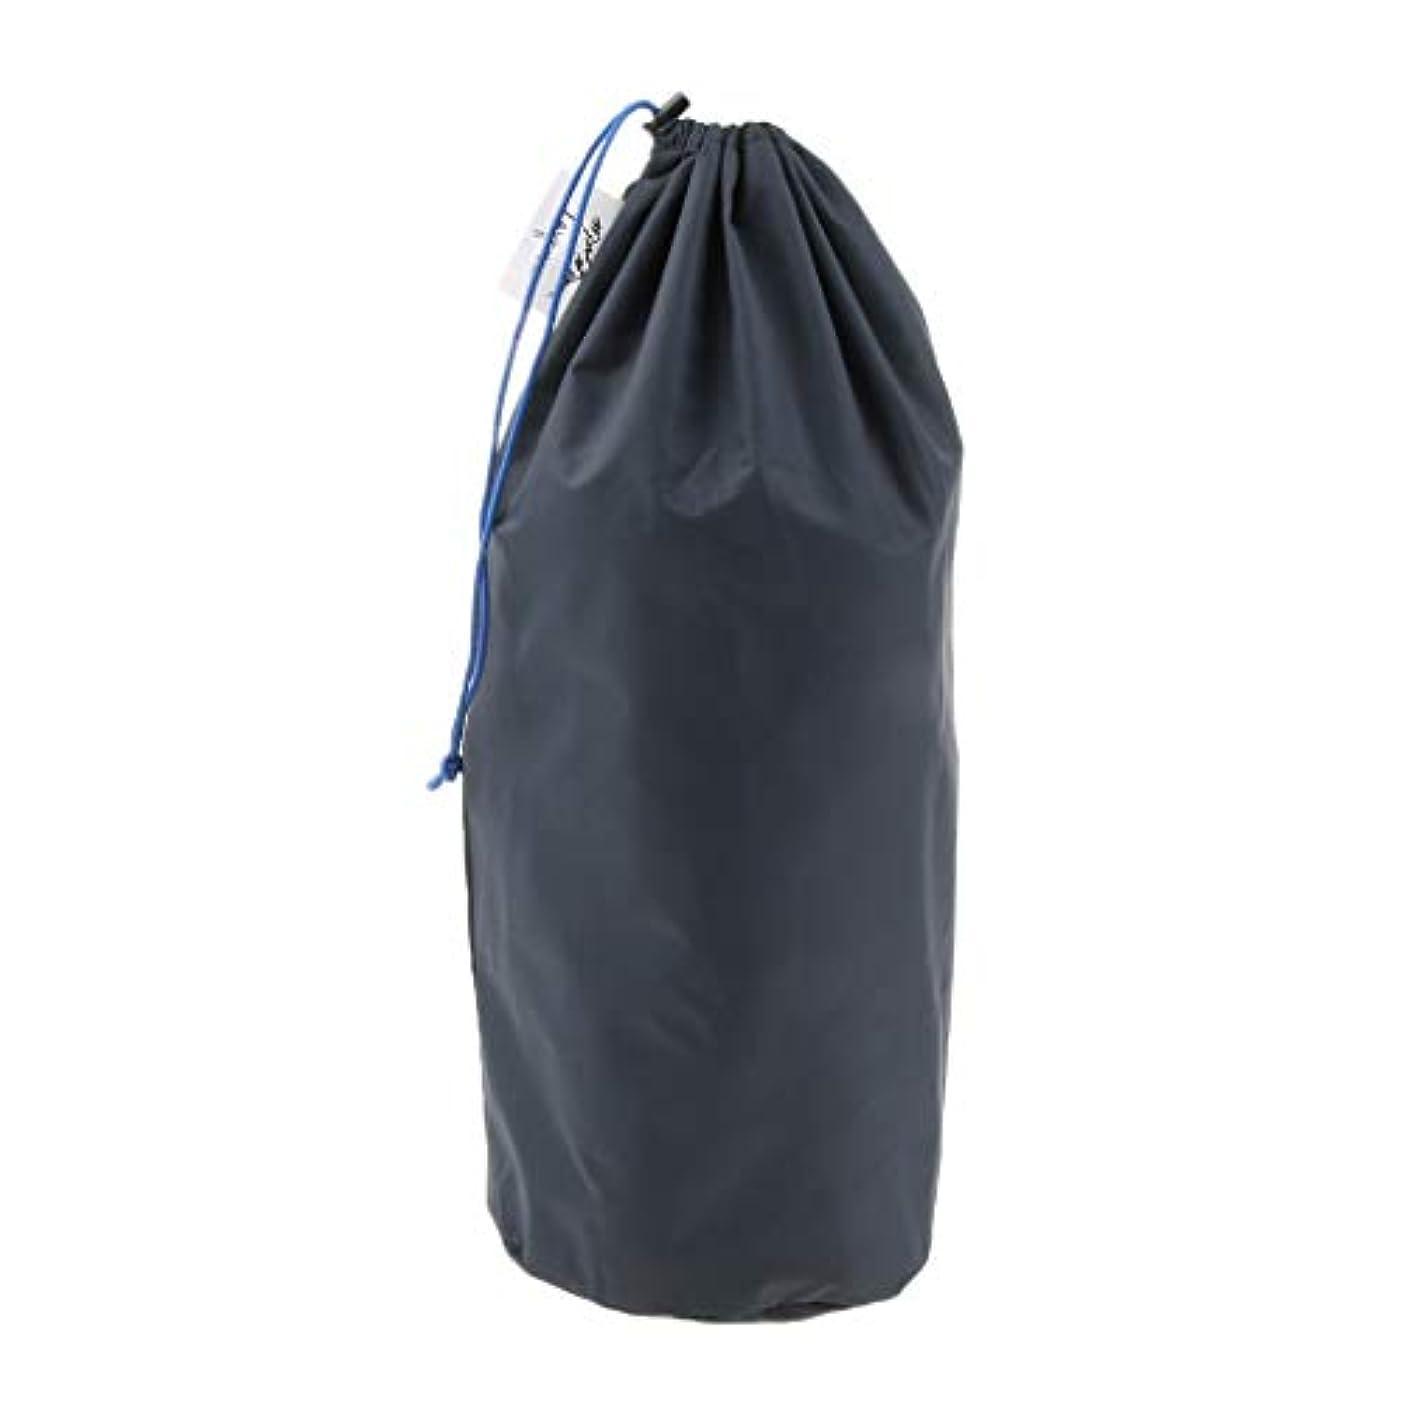 かわいらしいアーティキュレーション次T TOOYFUL ドローストリングバッグ 防水 収納バッグ キャンプ 巾着ポーチ 旅行 カヌー サーフィン 全5サイズ